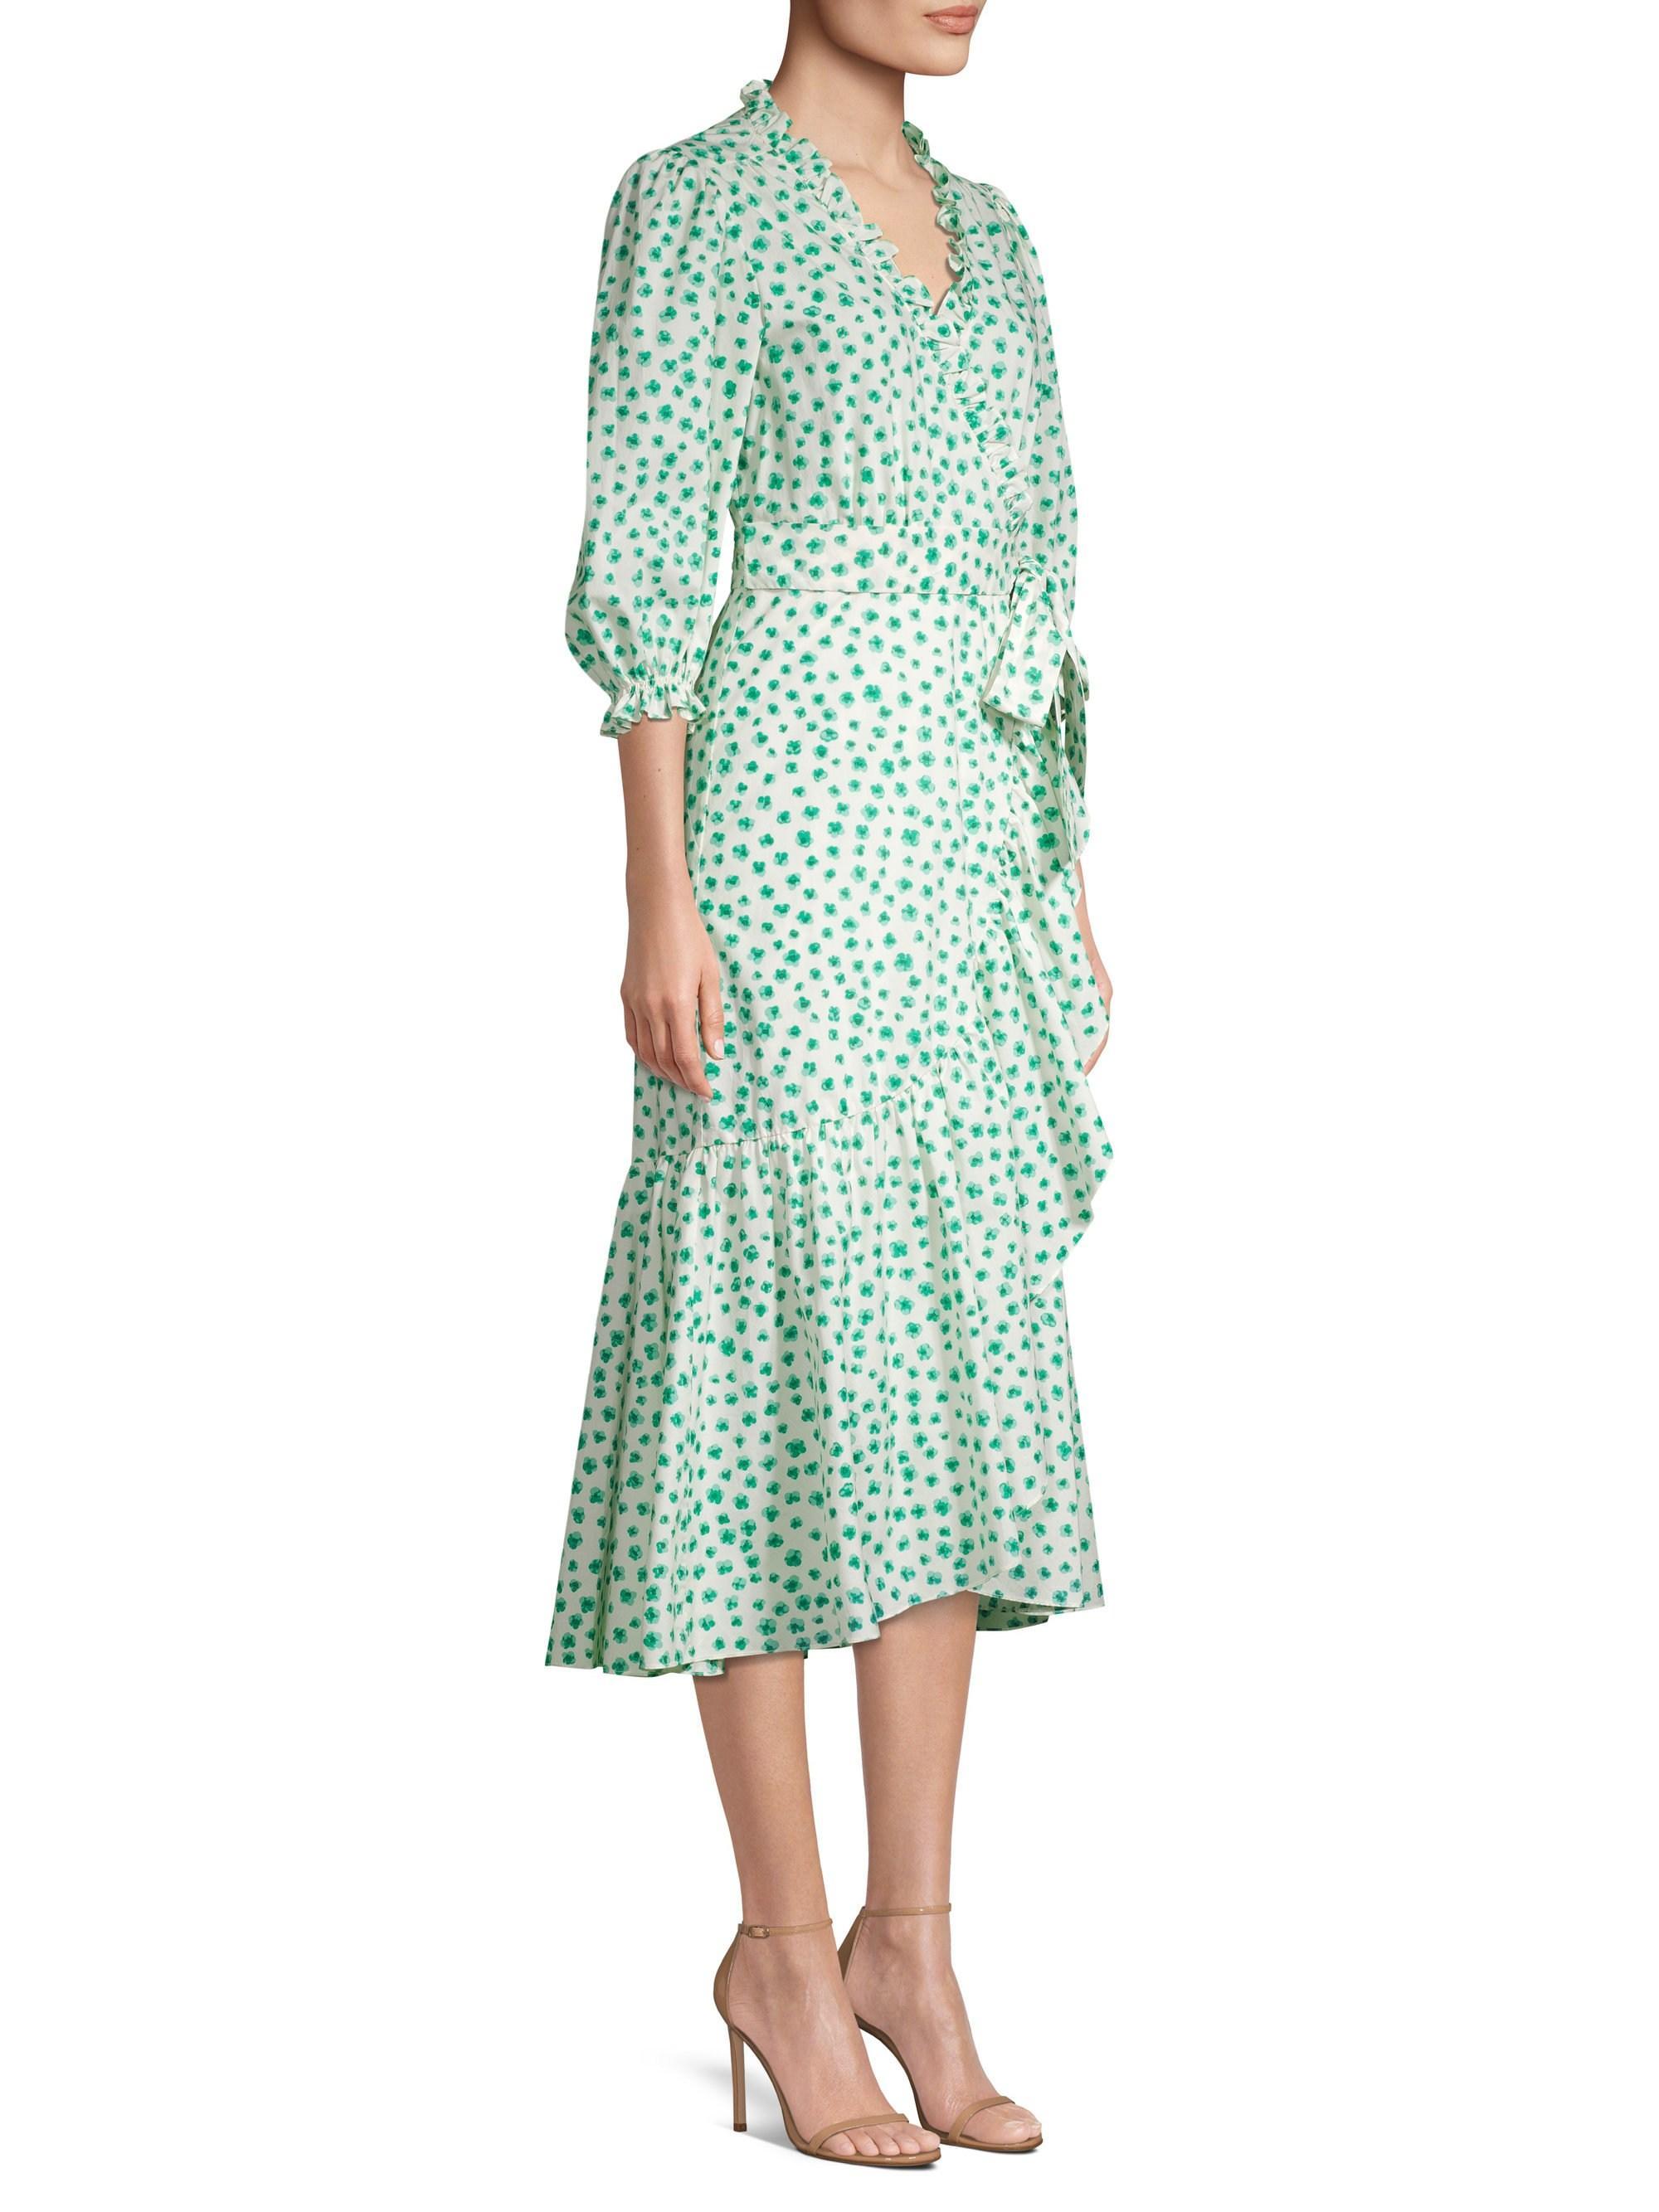 Rebecca Taylor Cotton Emerald Daisy Dress In Cream Combo